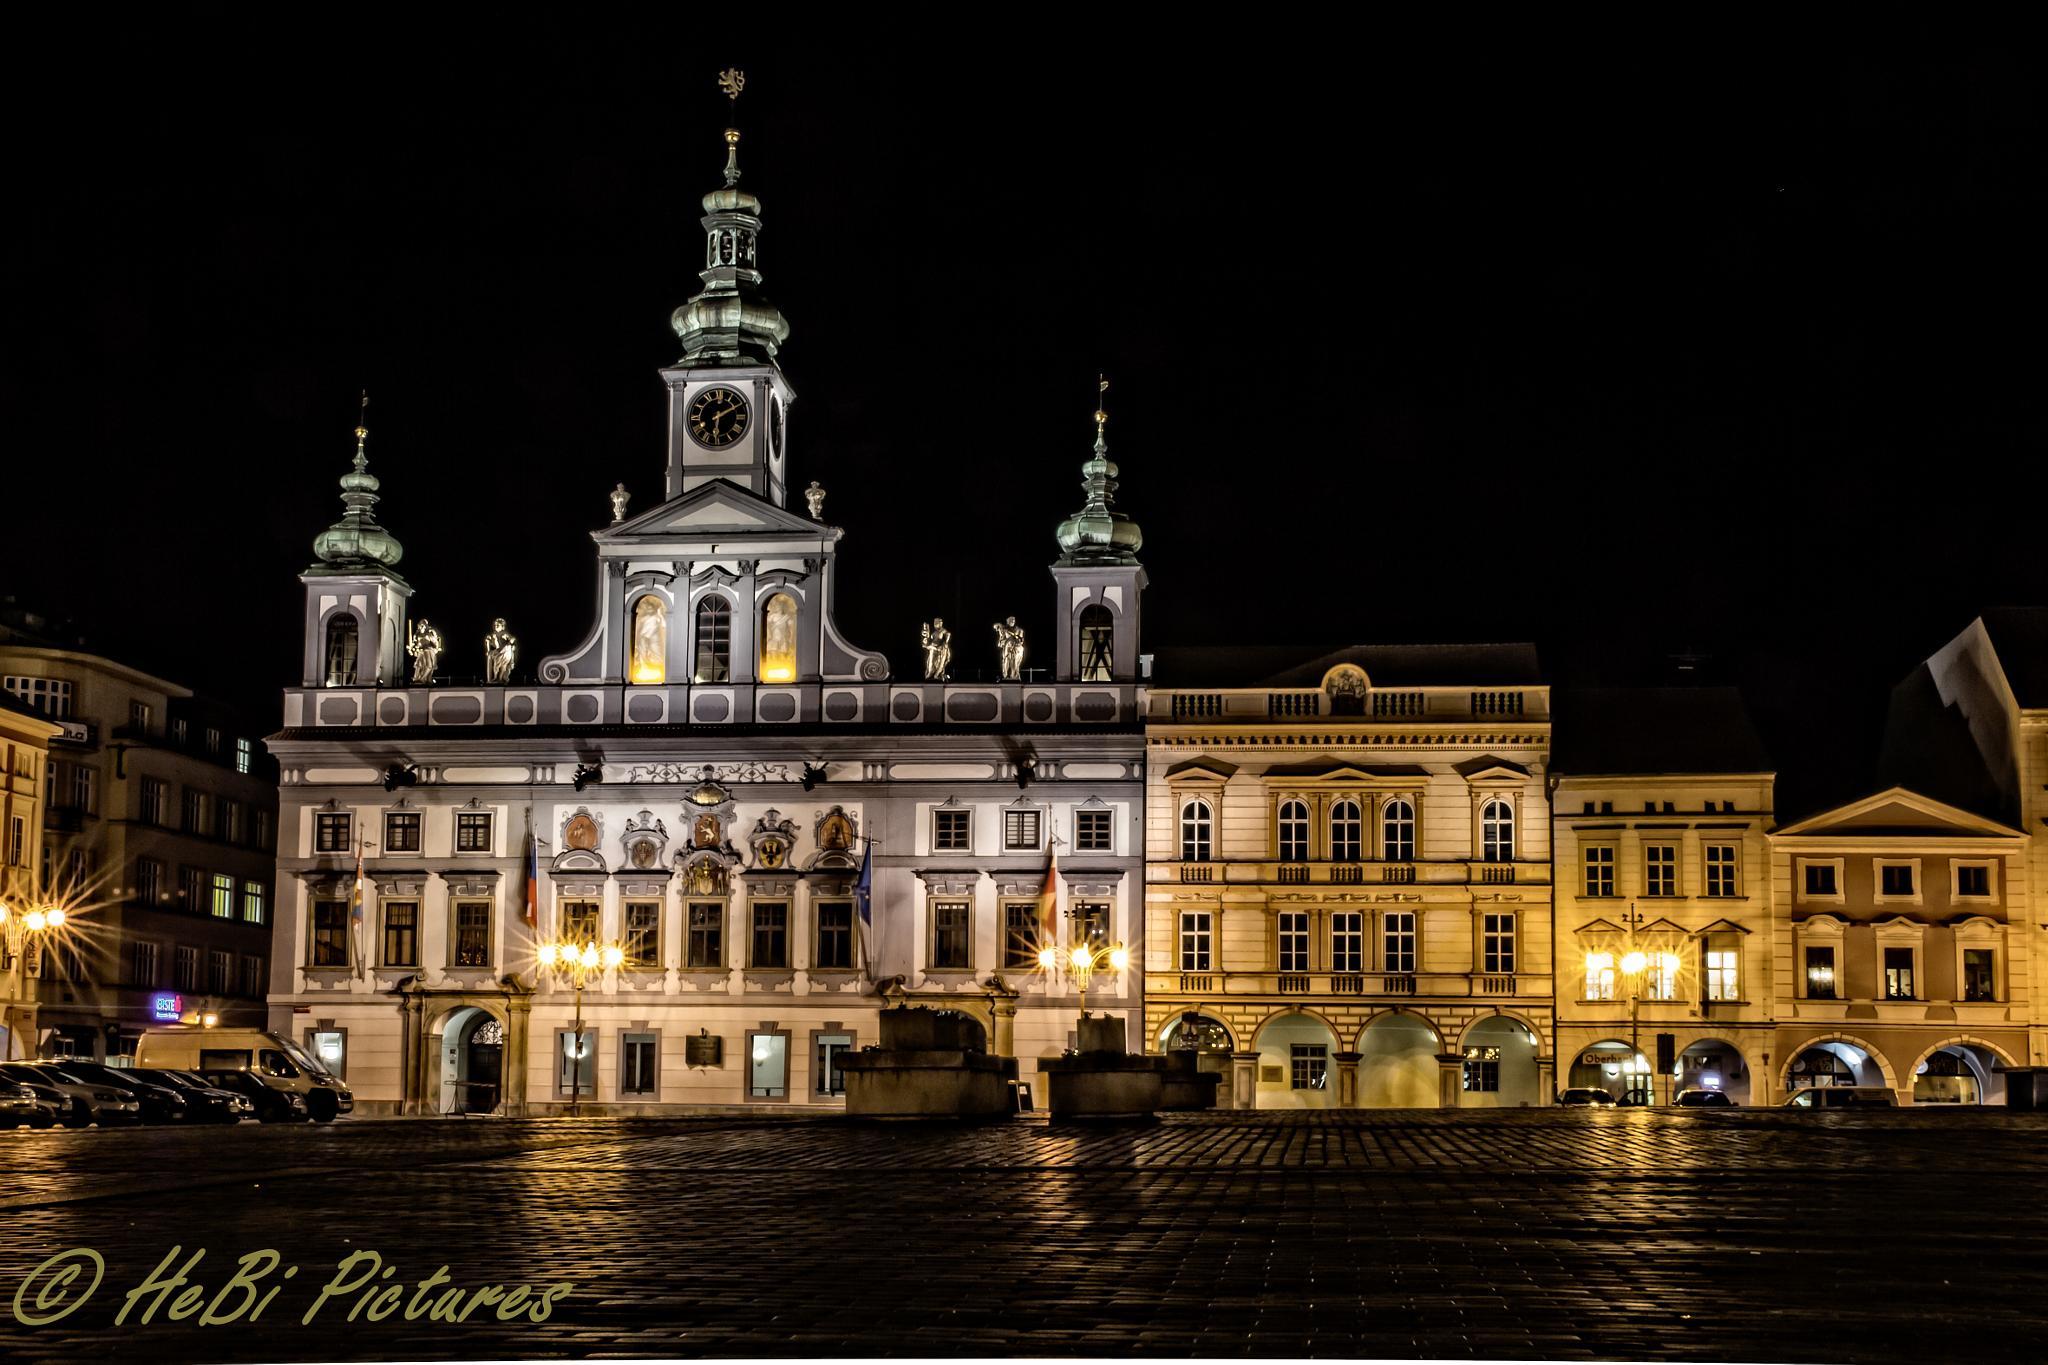 České Budějovice by Hesse Photography